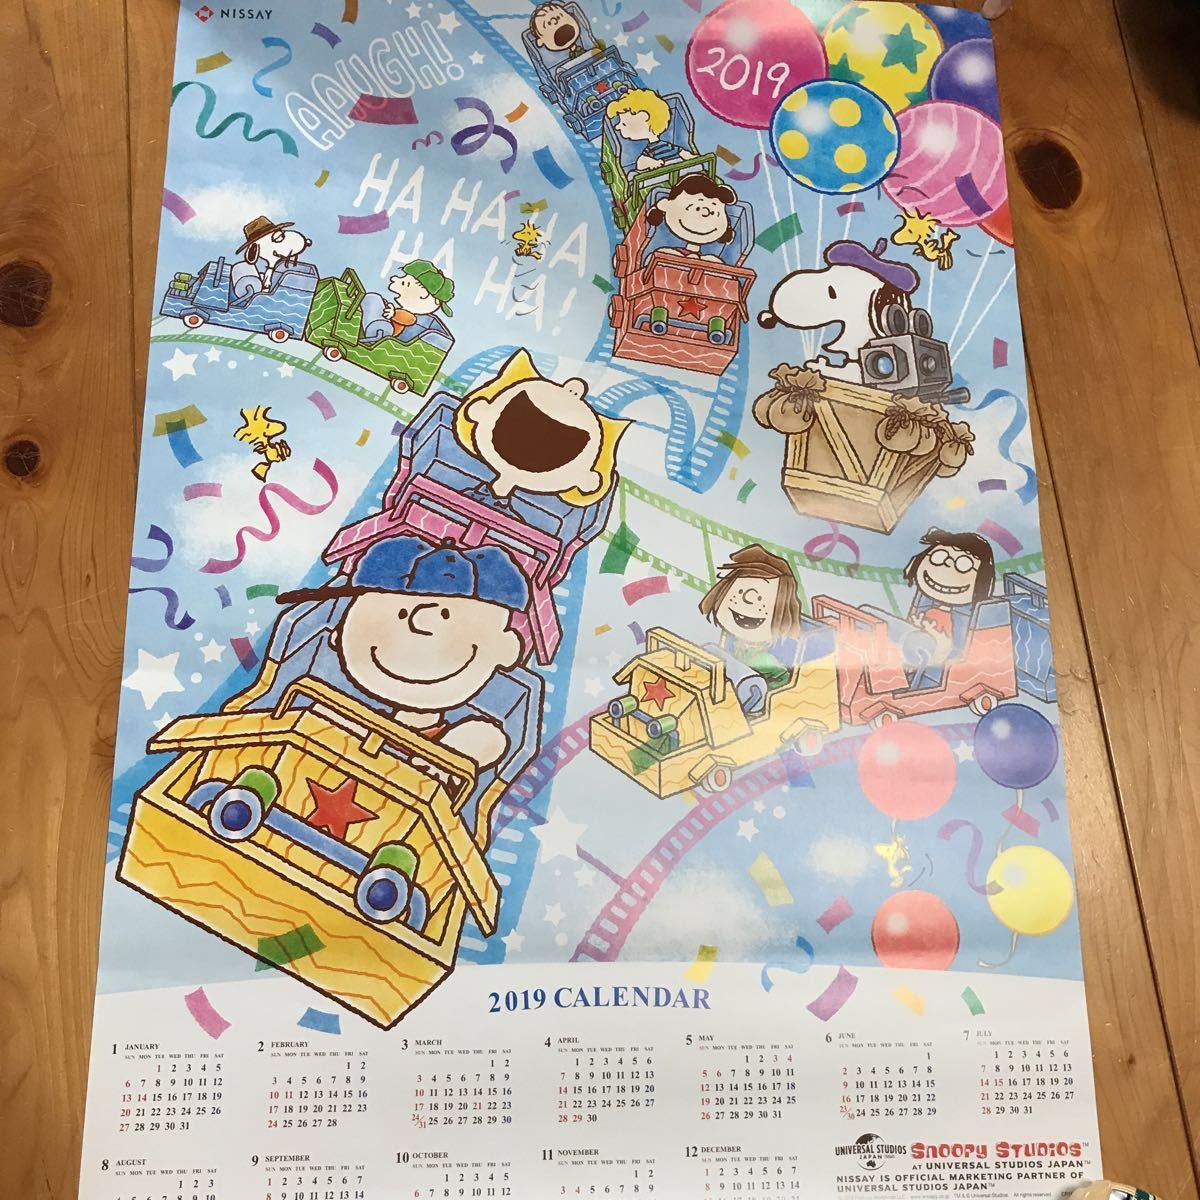 中古 スヌーピー 壁紙 カレンダー 日本生命 2019 の落札情報詳細